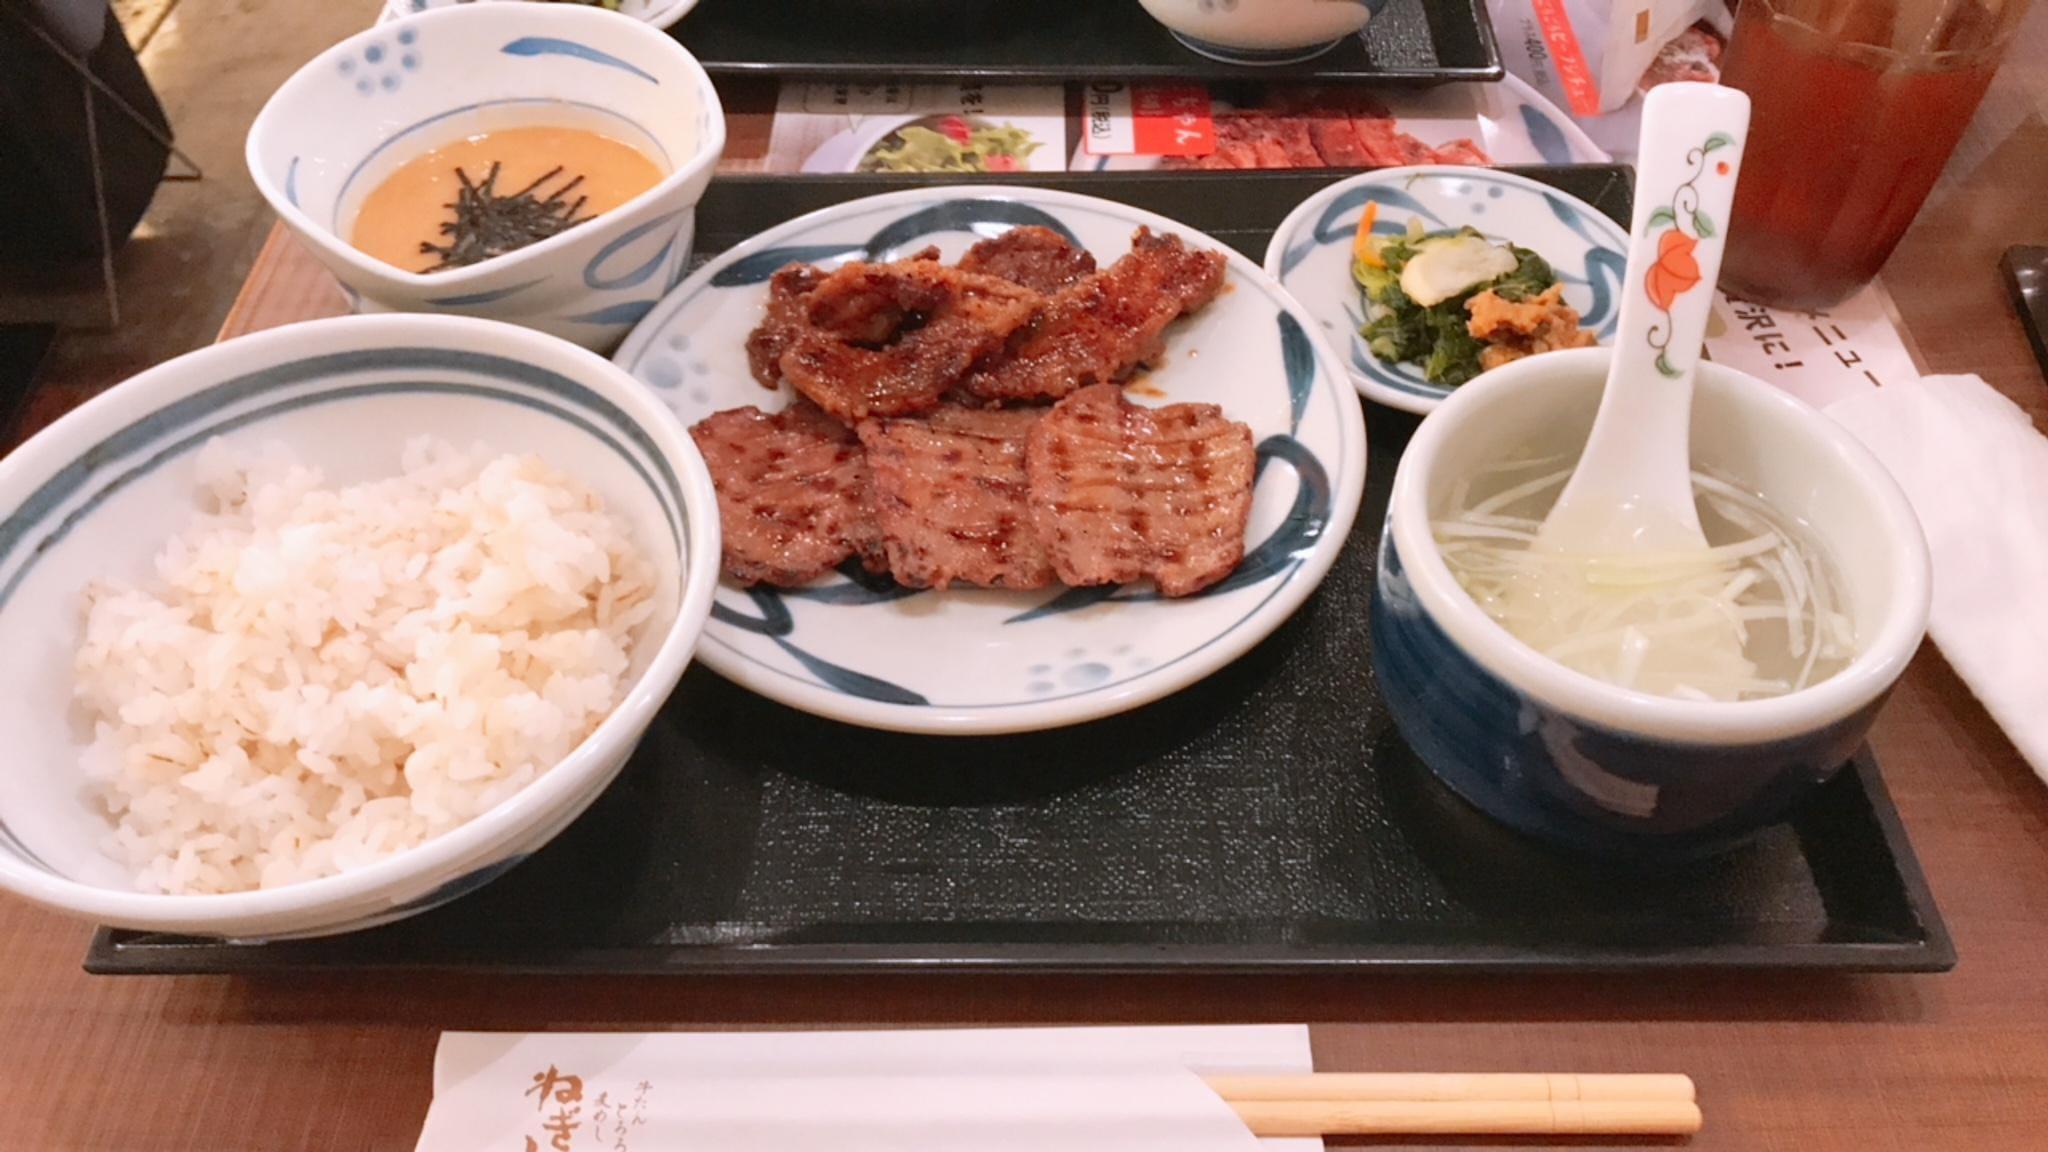 「(う゜д゜し)」09/27(木) 01:06   れいの写メ・風俗動画